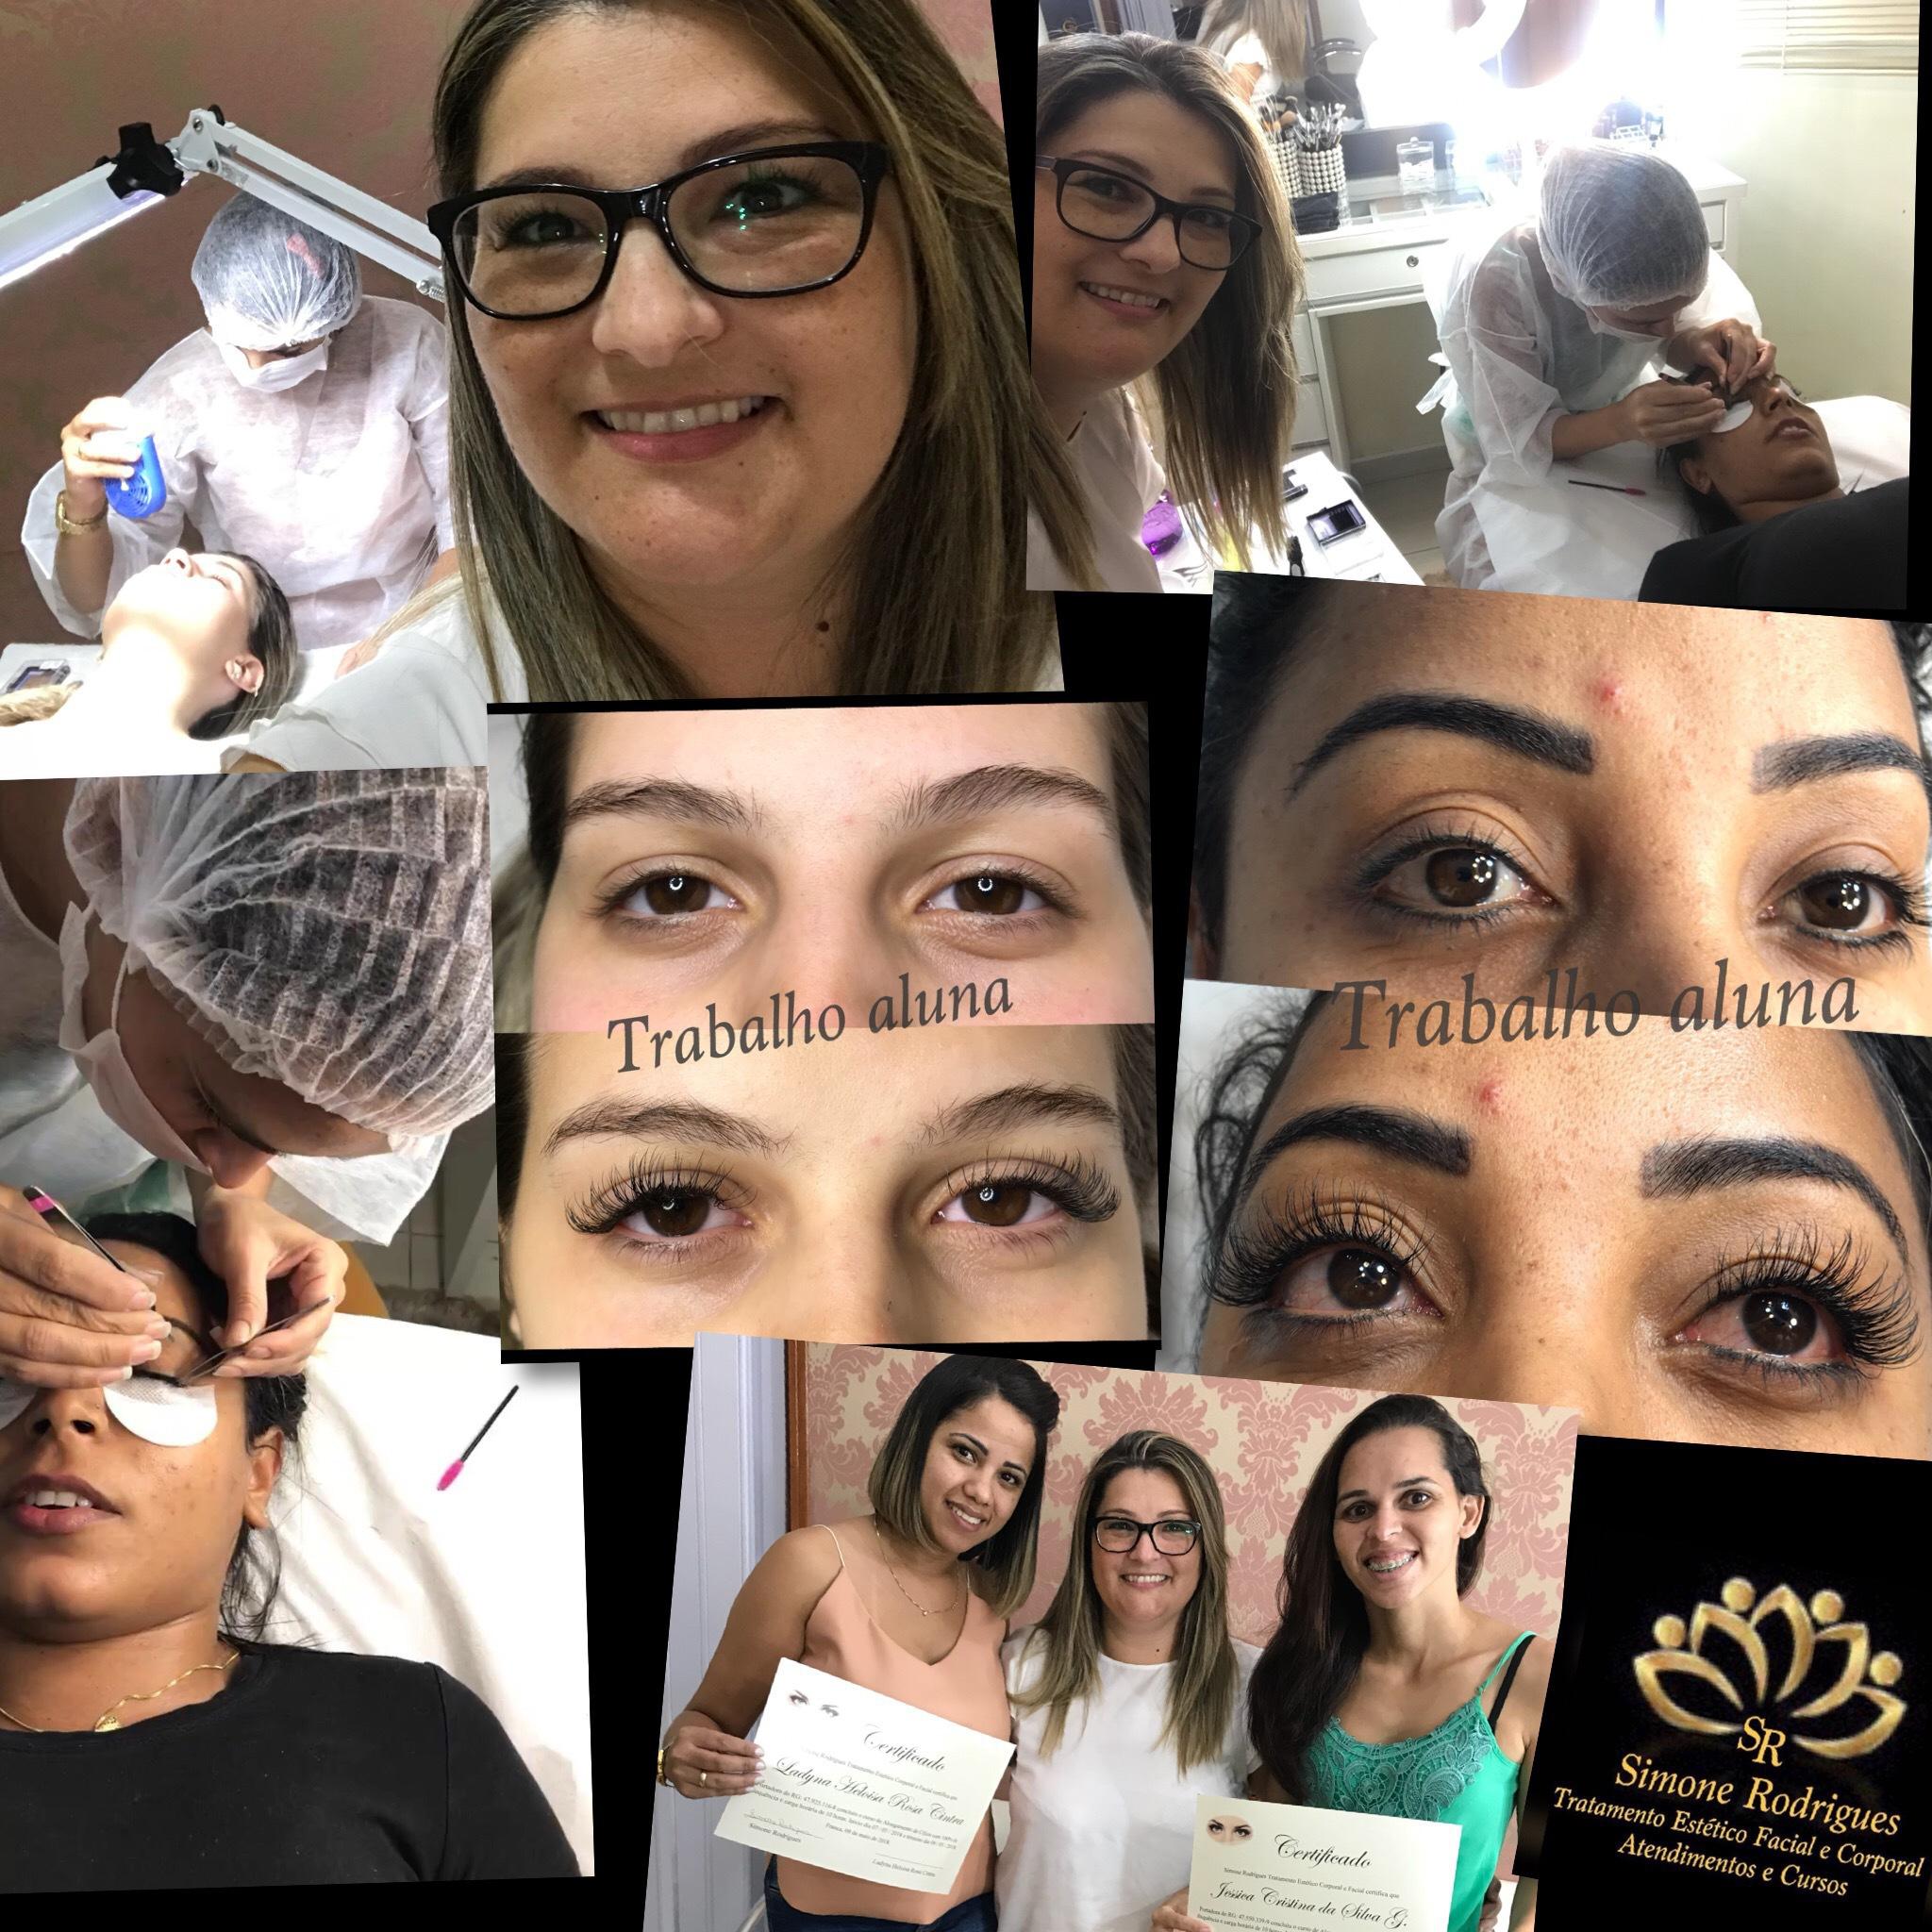 #cursoextensaodecilios #curso #cilios #simonerodriguesdepil outros designer de sobrancelhas esteticista depilador(a) micropigmentador(a)